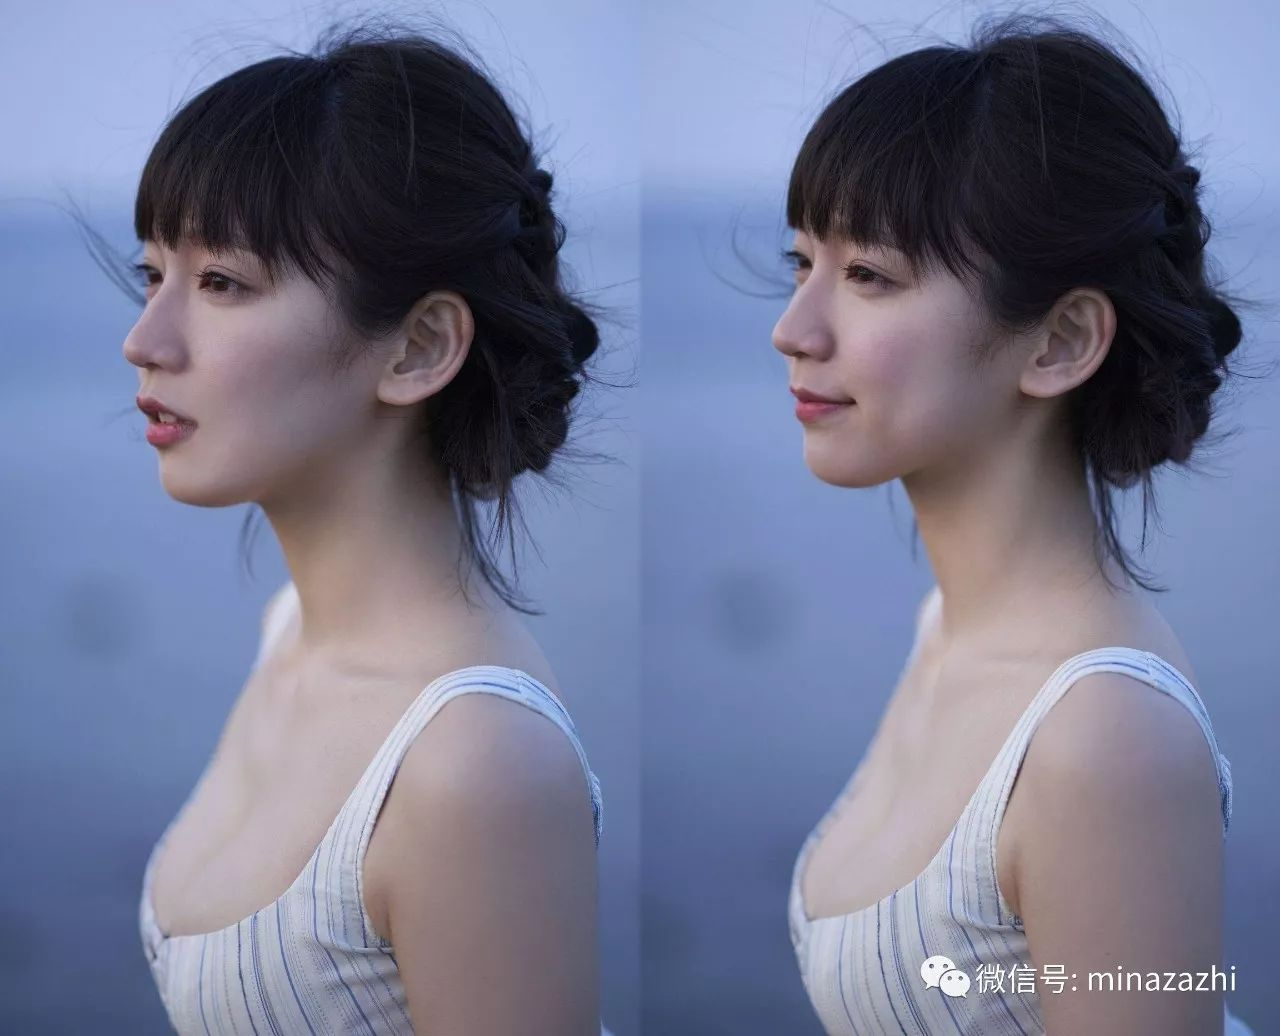 日本人体艺术1图片_明星| 她们美得清新不做作!盘点10位最具【透明感】的日本女星